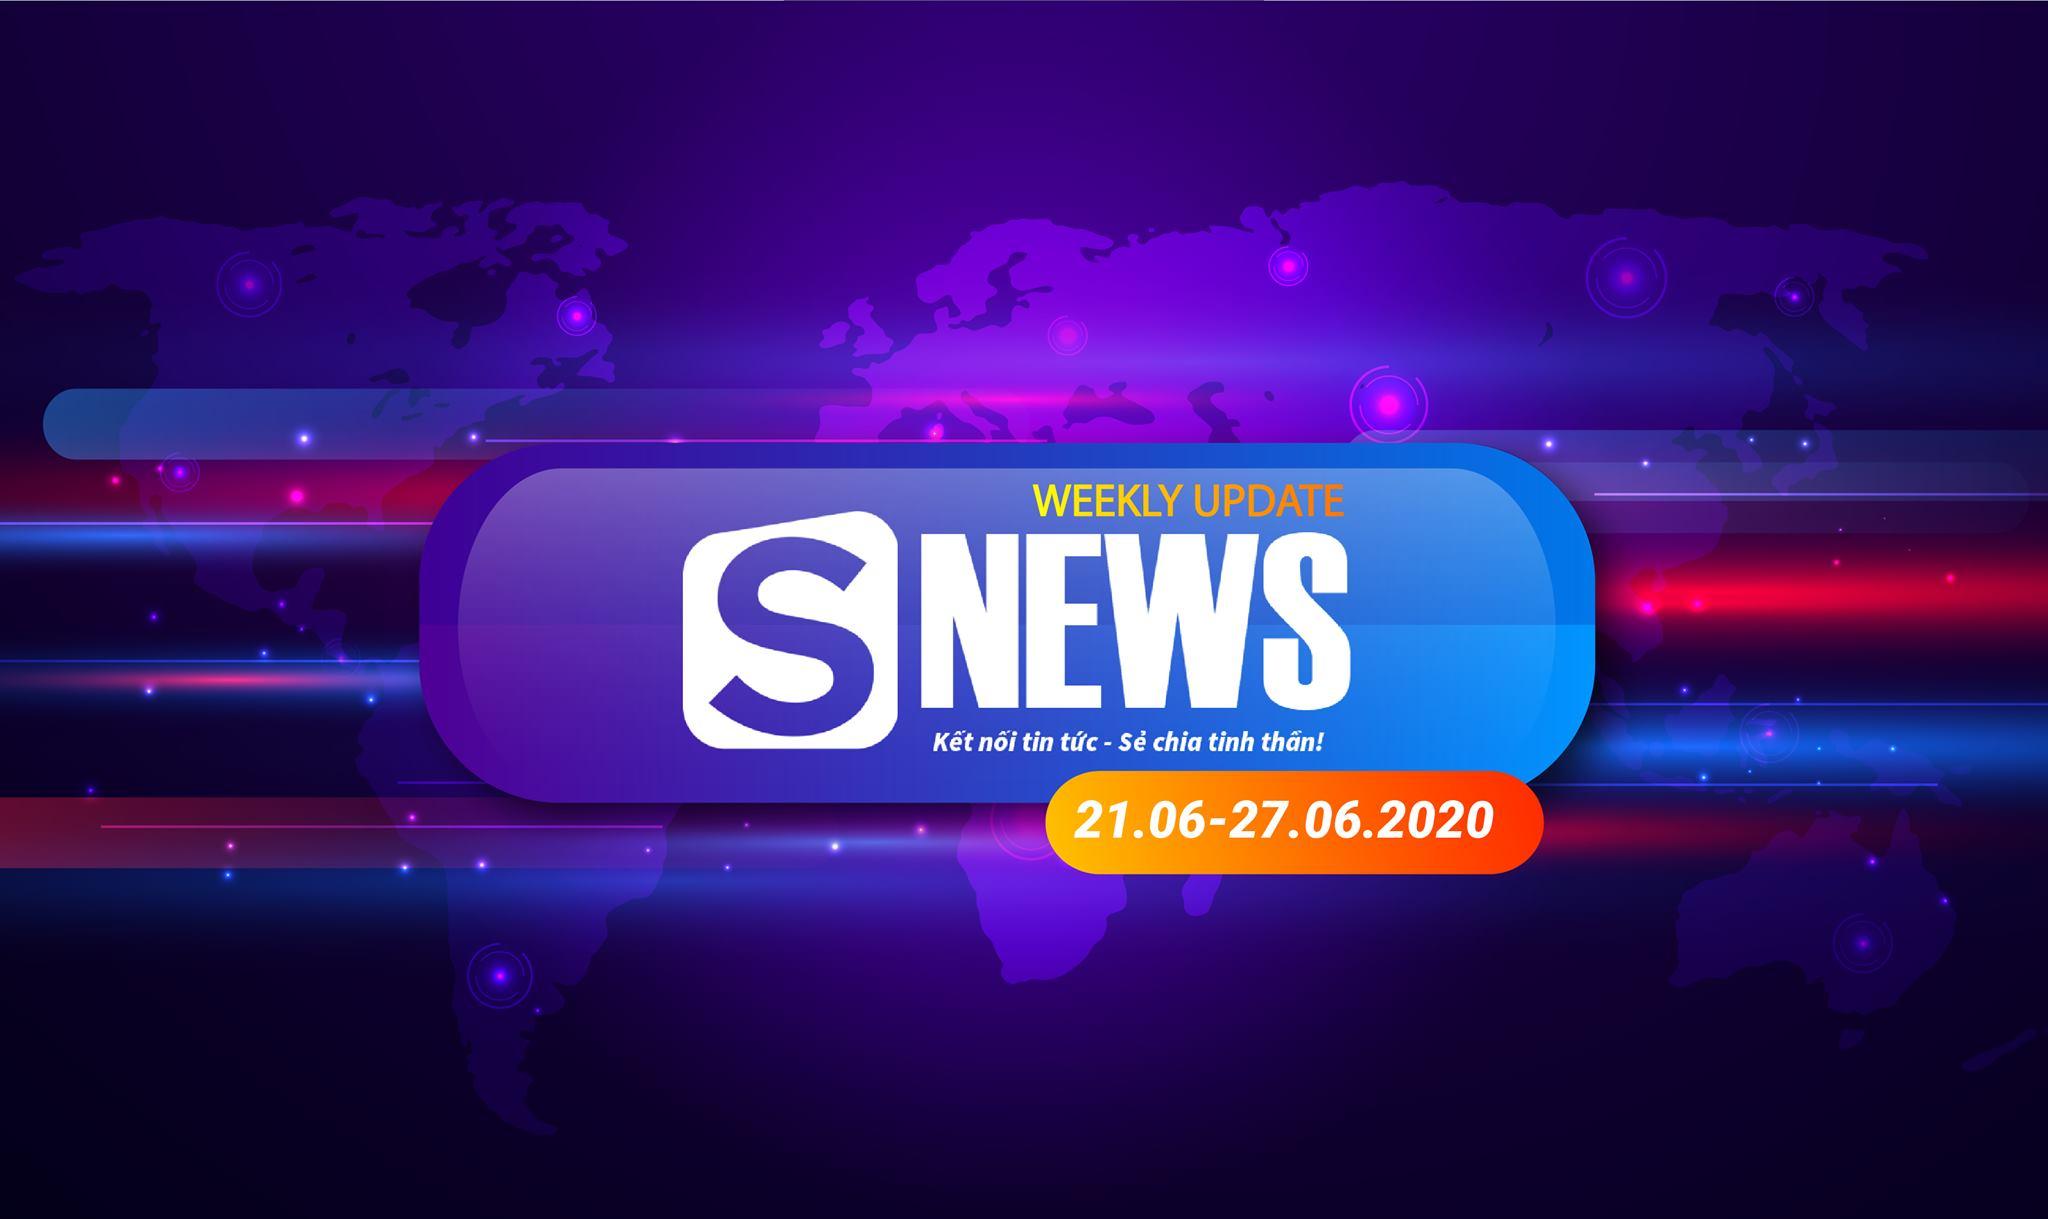 Tổng hợp tin tức tuần qua (21.6 - 27.6.2020)